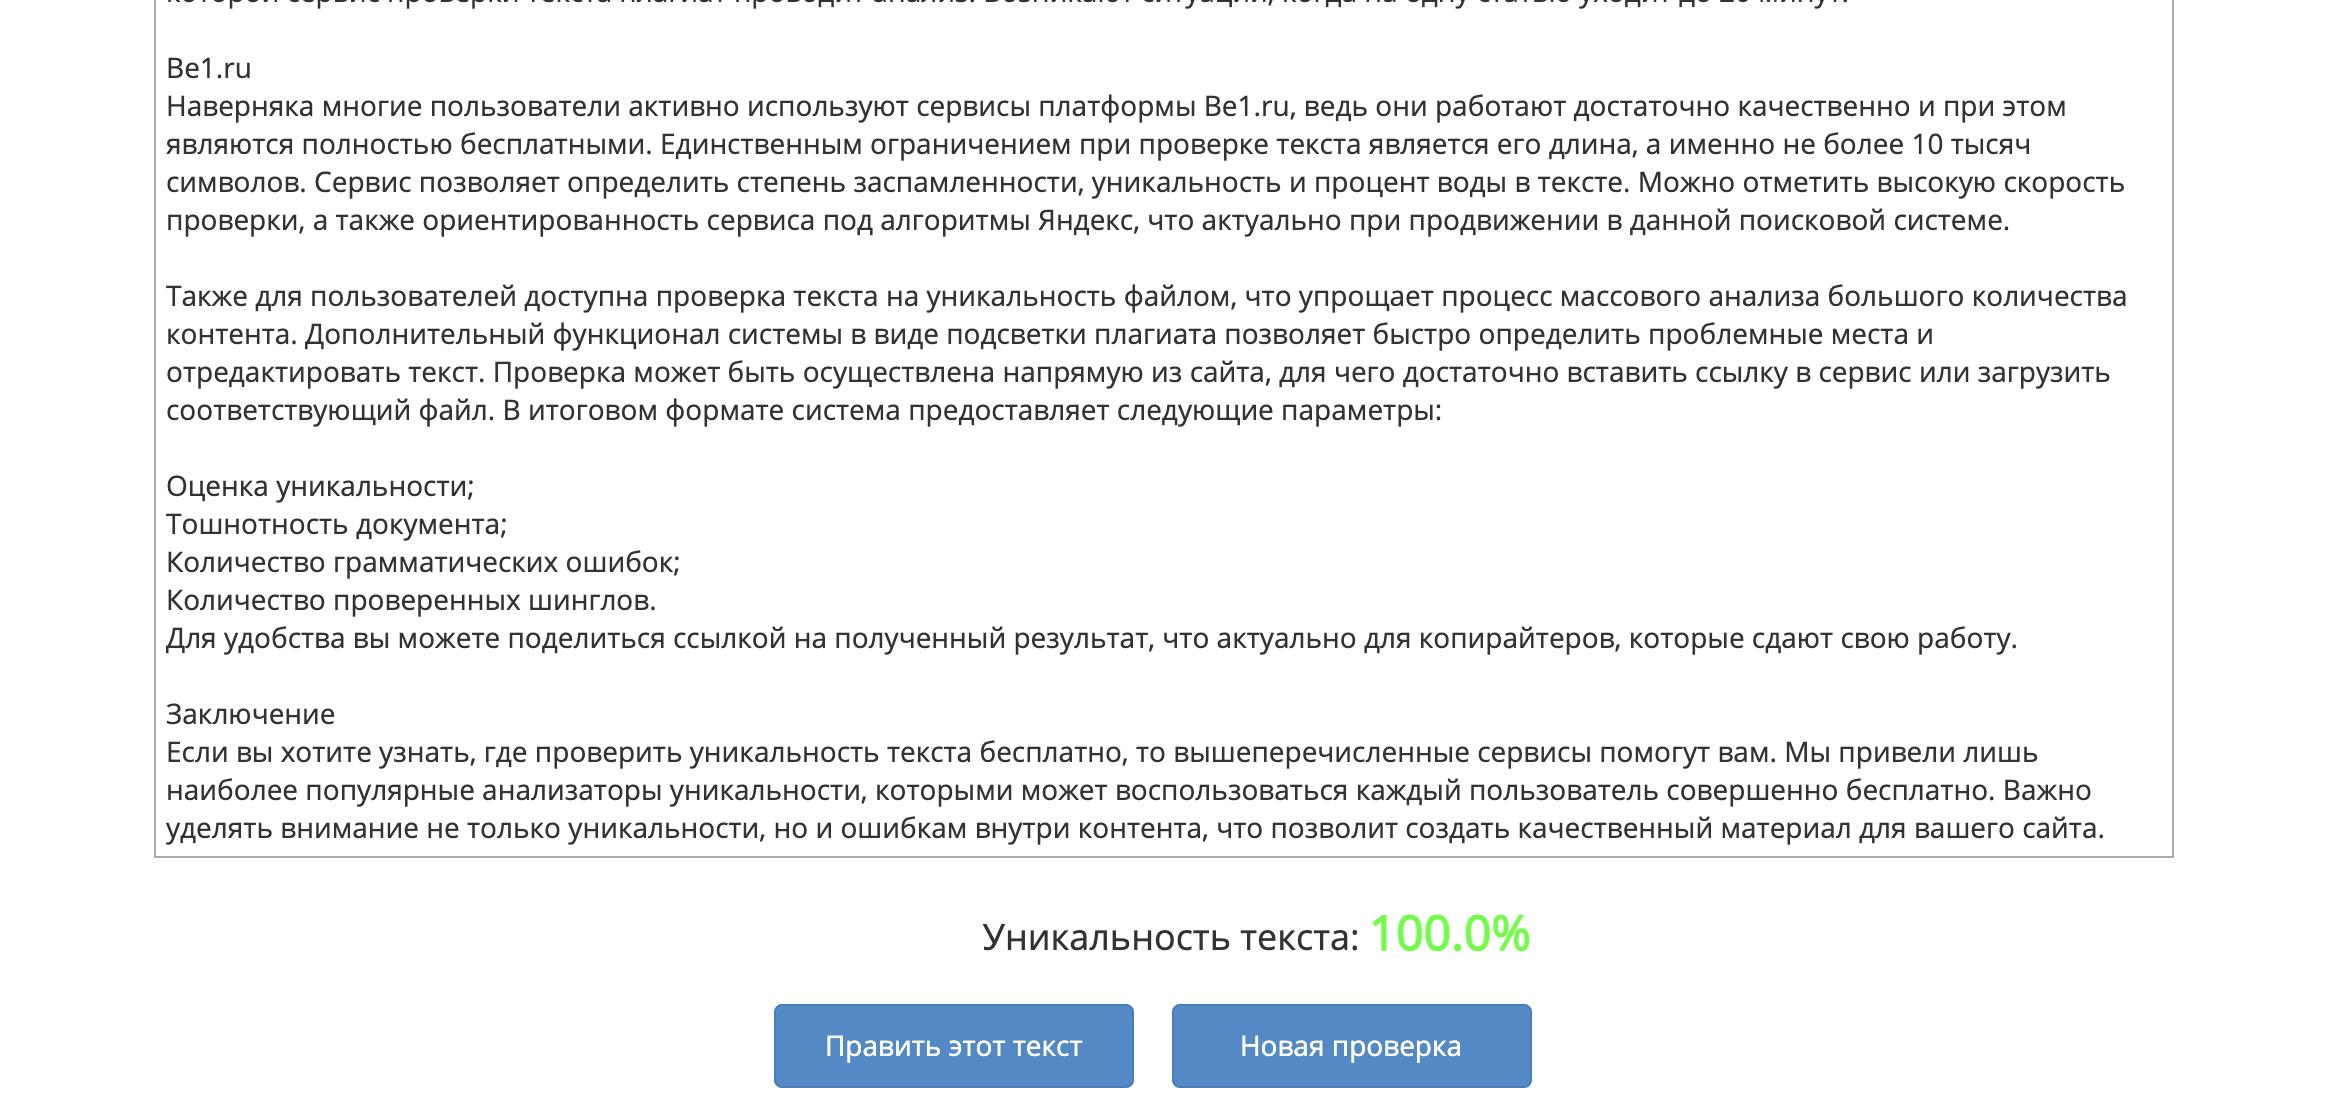 сервис проверки на плагиат онлайн